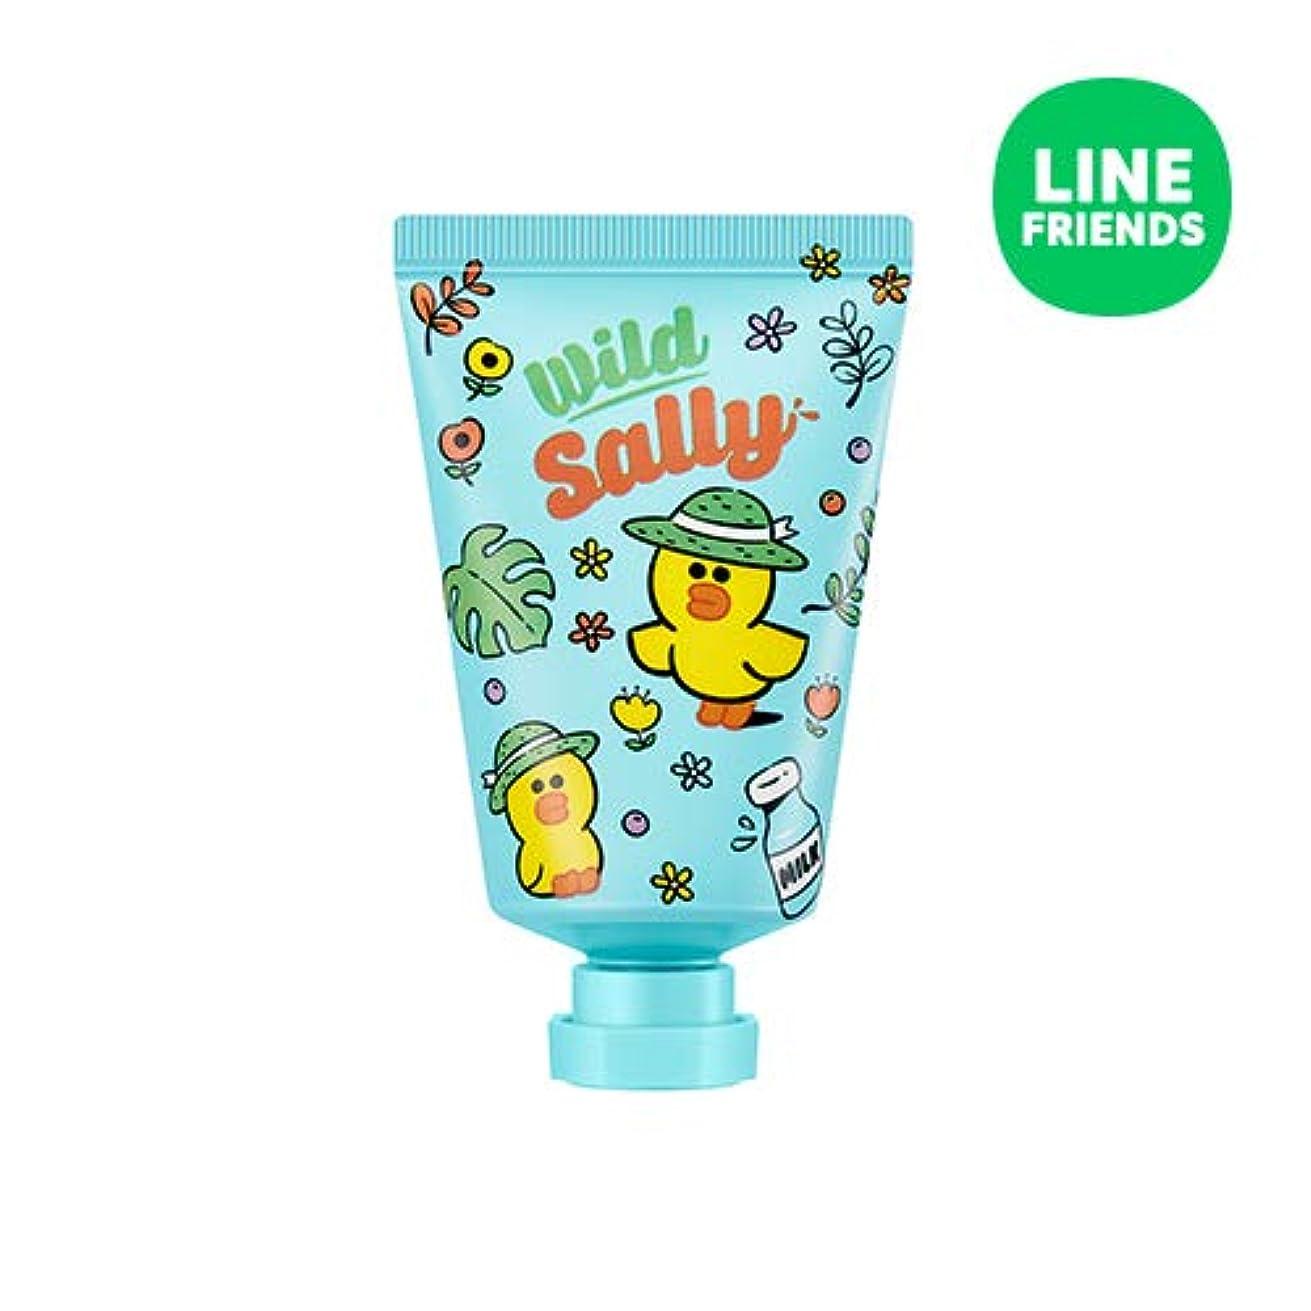 穴前架空のミシャ(ラインフレンズ)ラブシークレットハンドクリーム 30ml MISSHA [Line Friends Edition] Love Secret Hand Cream - Sally # Cotton White [...